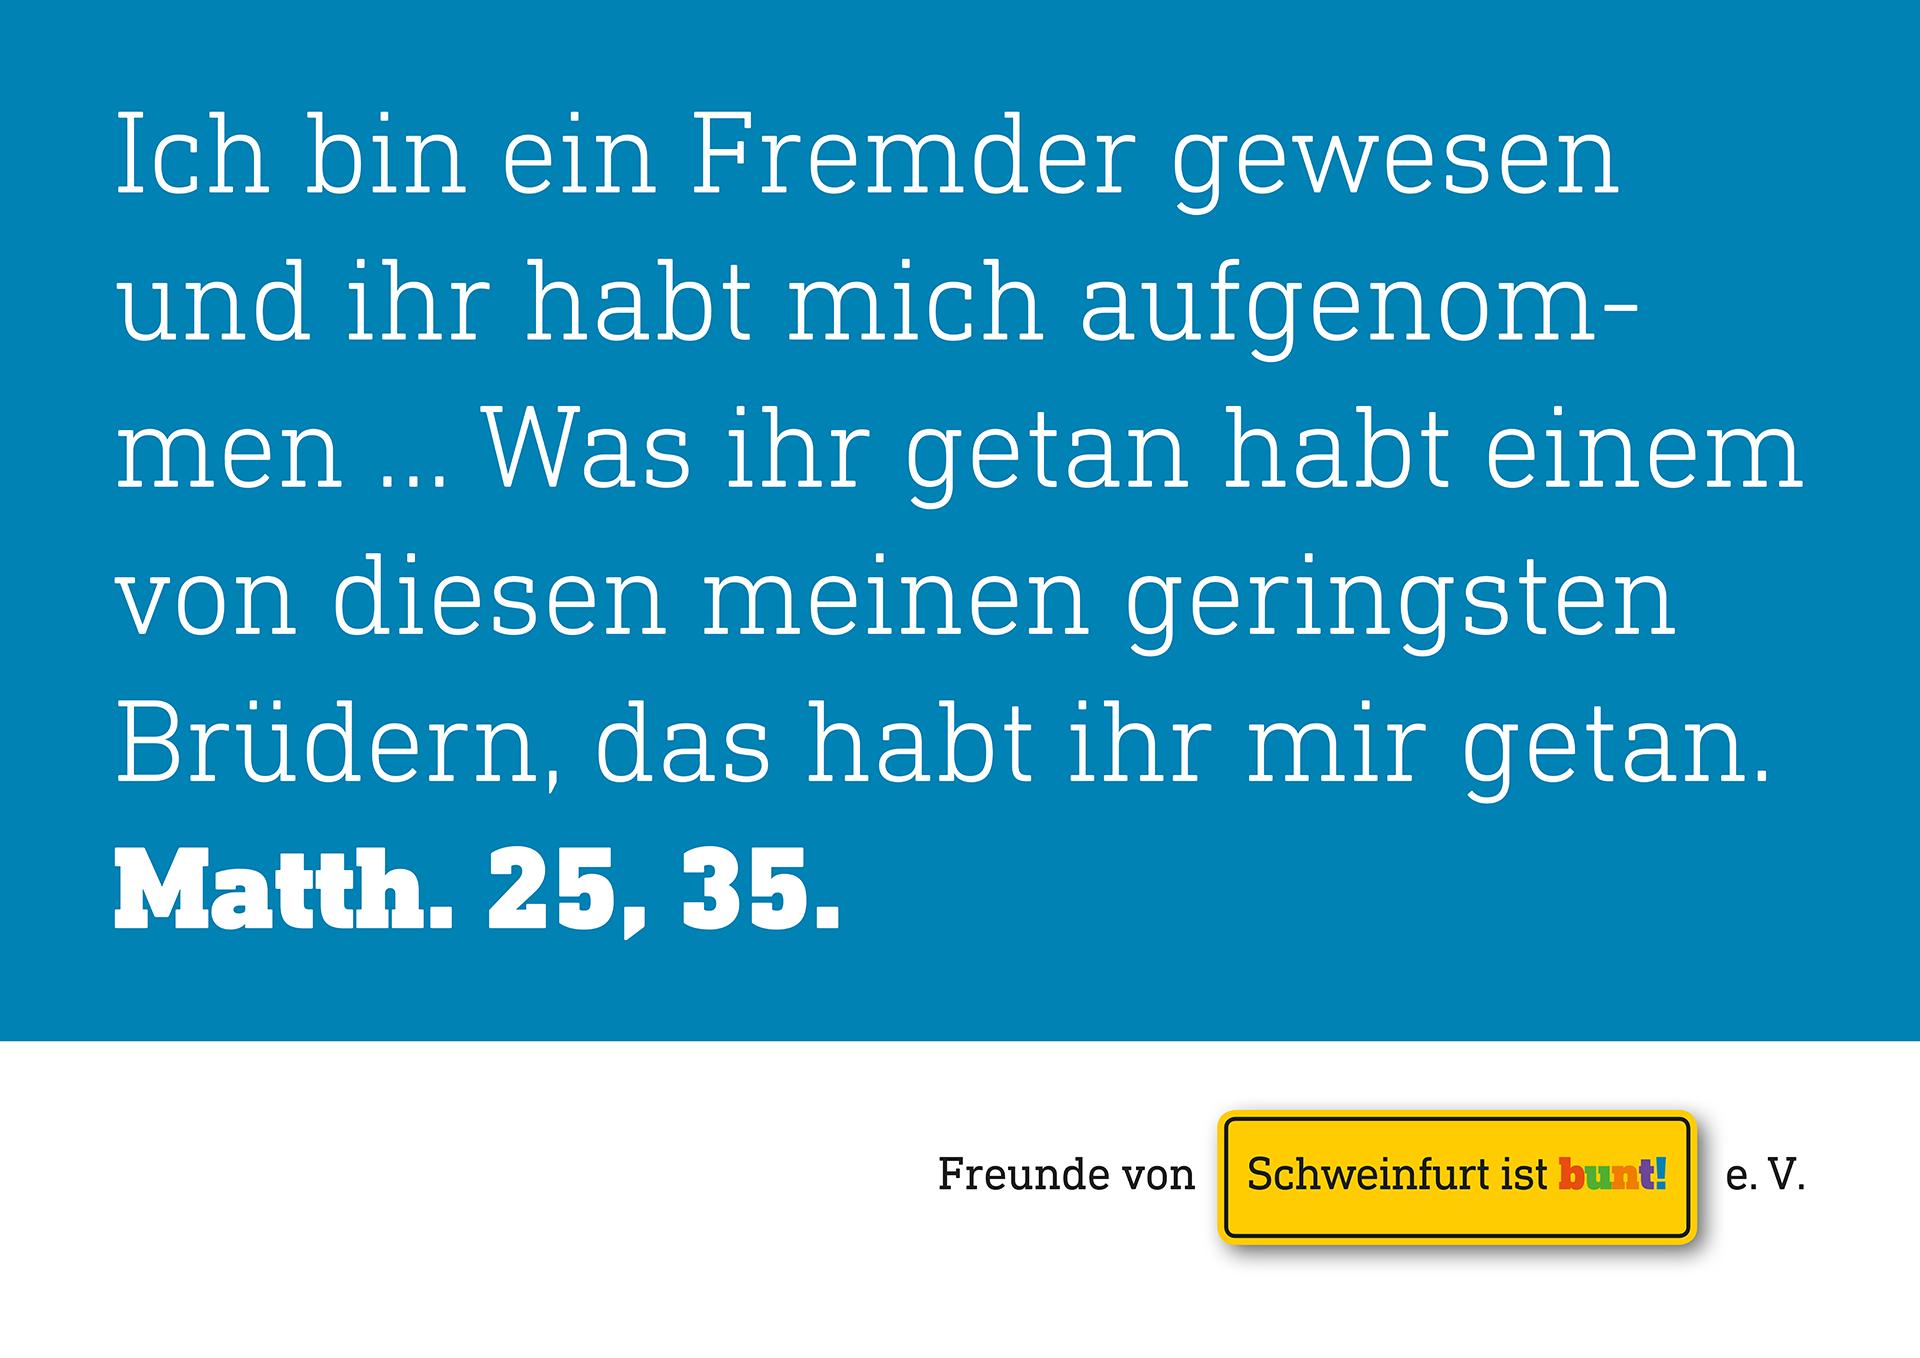 schweinfurt-ist-bunt-horizontal-5